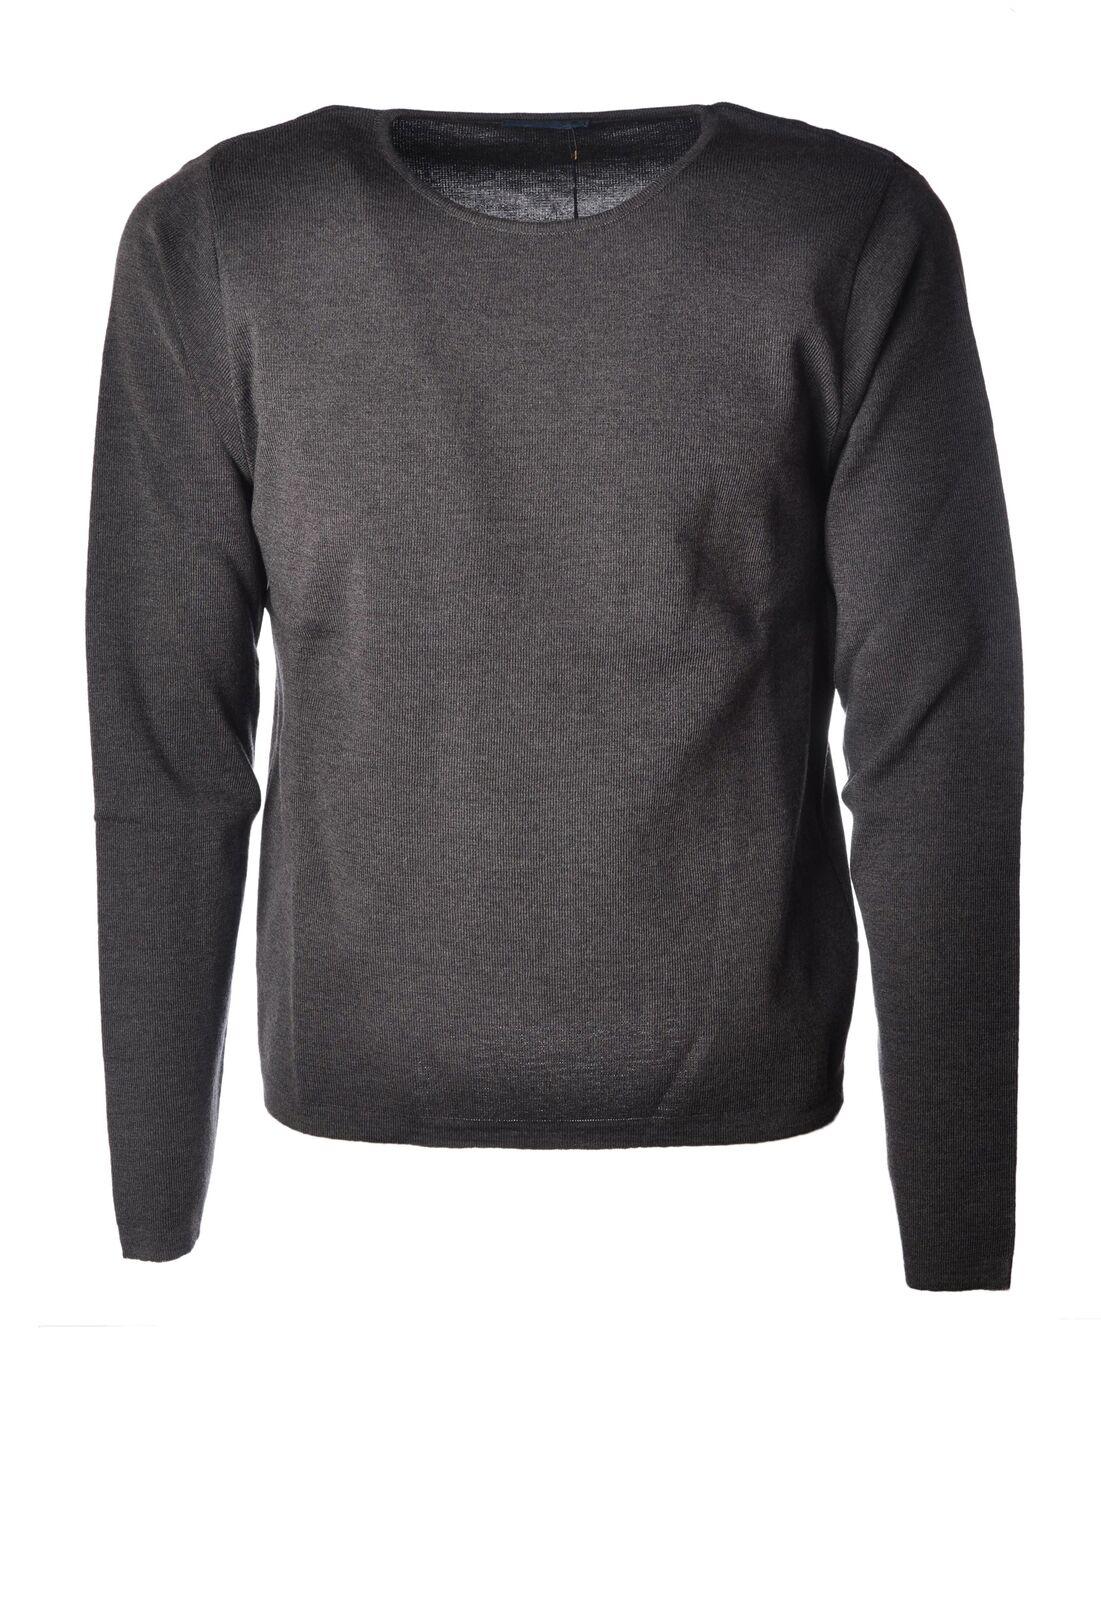 Paolo Fumagalli  -  Sweaters - Male - Grau - 4164528A184915